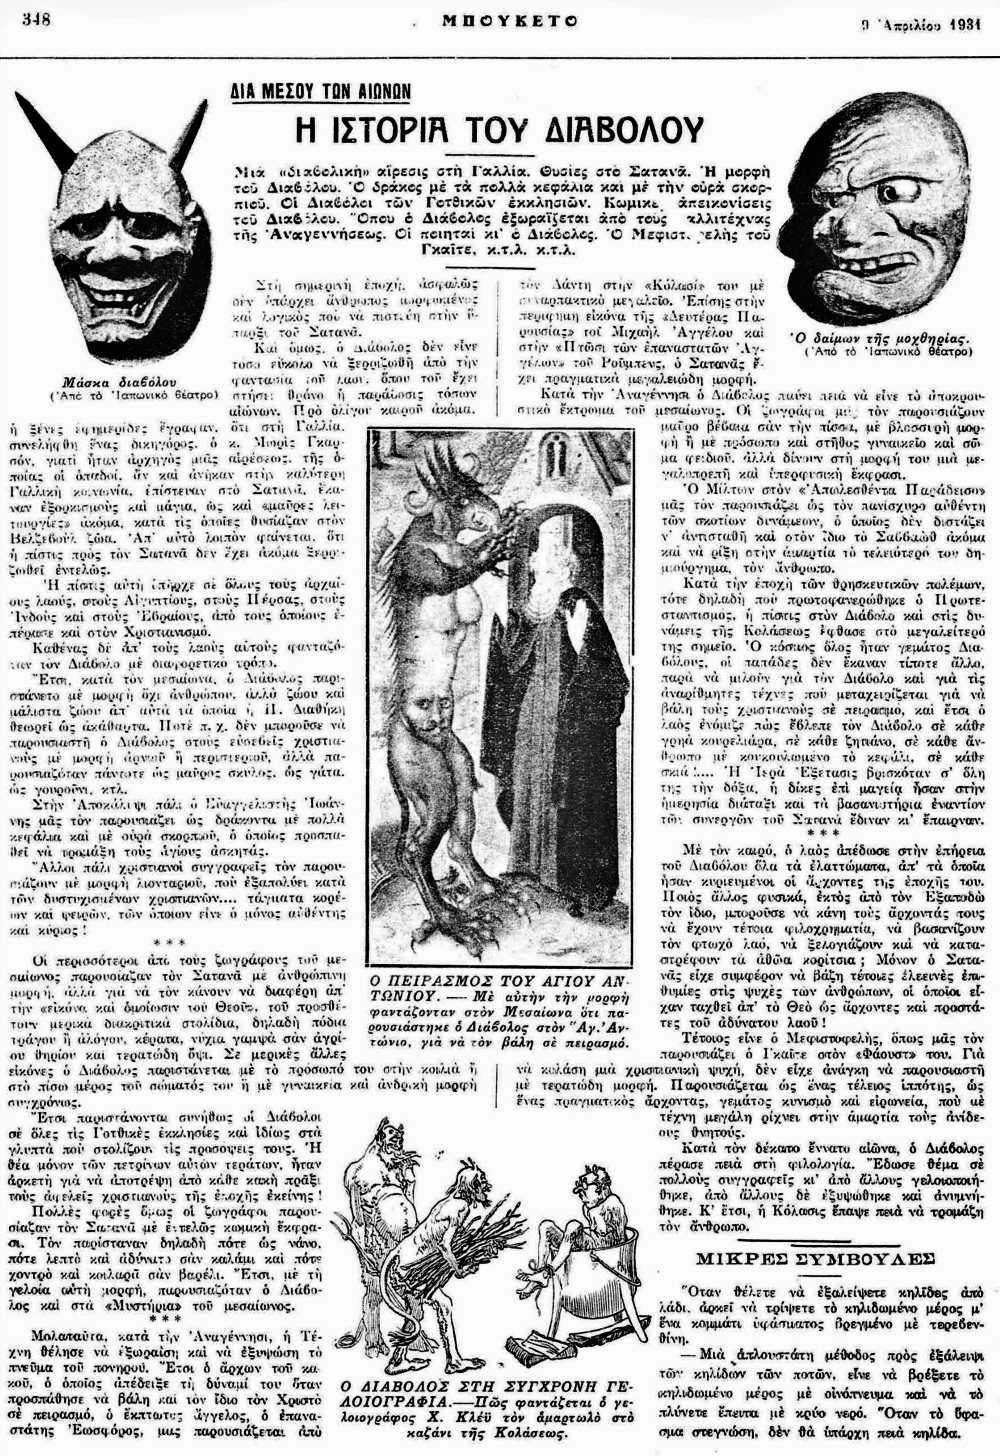 """Το άρθρο, όπως δημοσιεύθηκε στο περιοδικό """"ΜΠΟΥΚΕΤΟ"""", στις 09/04/1931"""